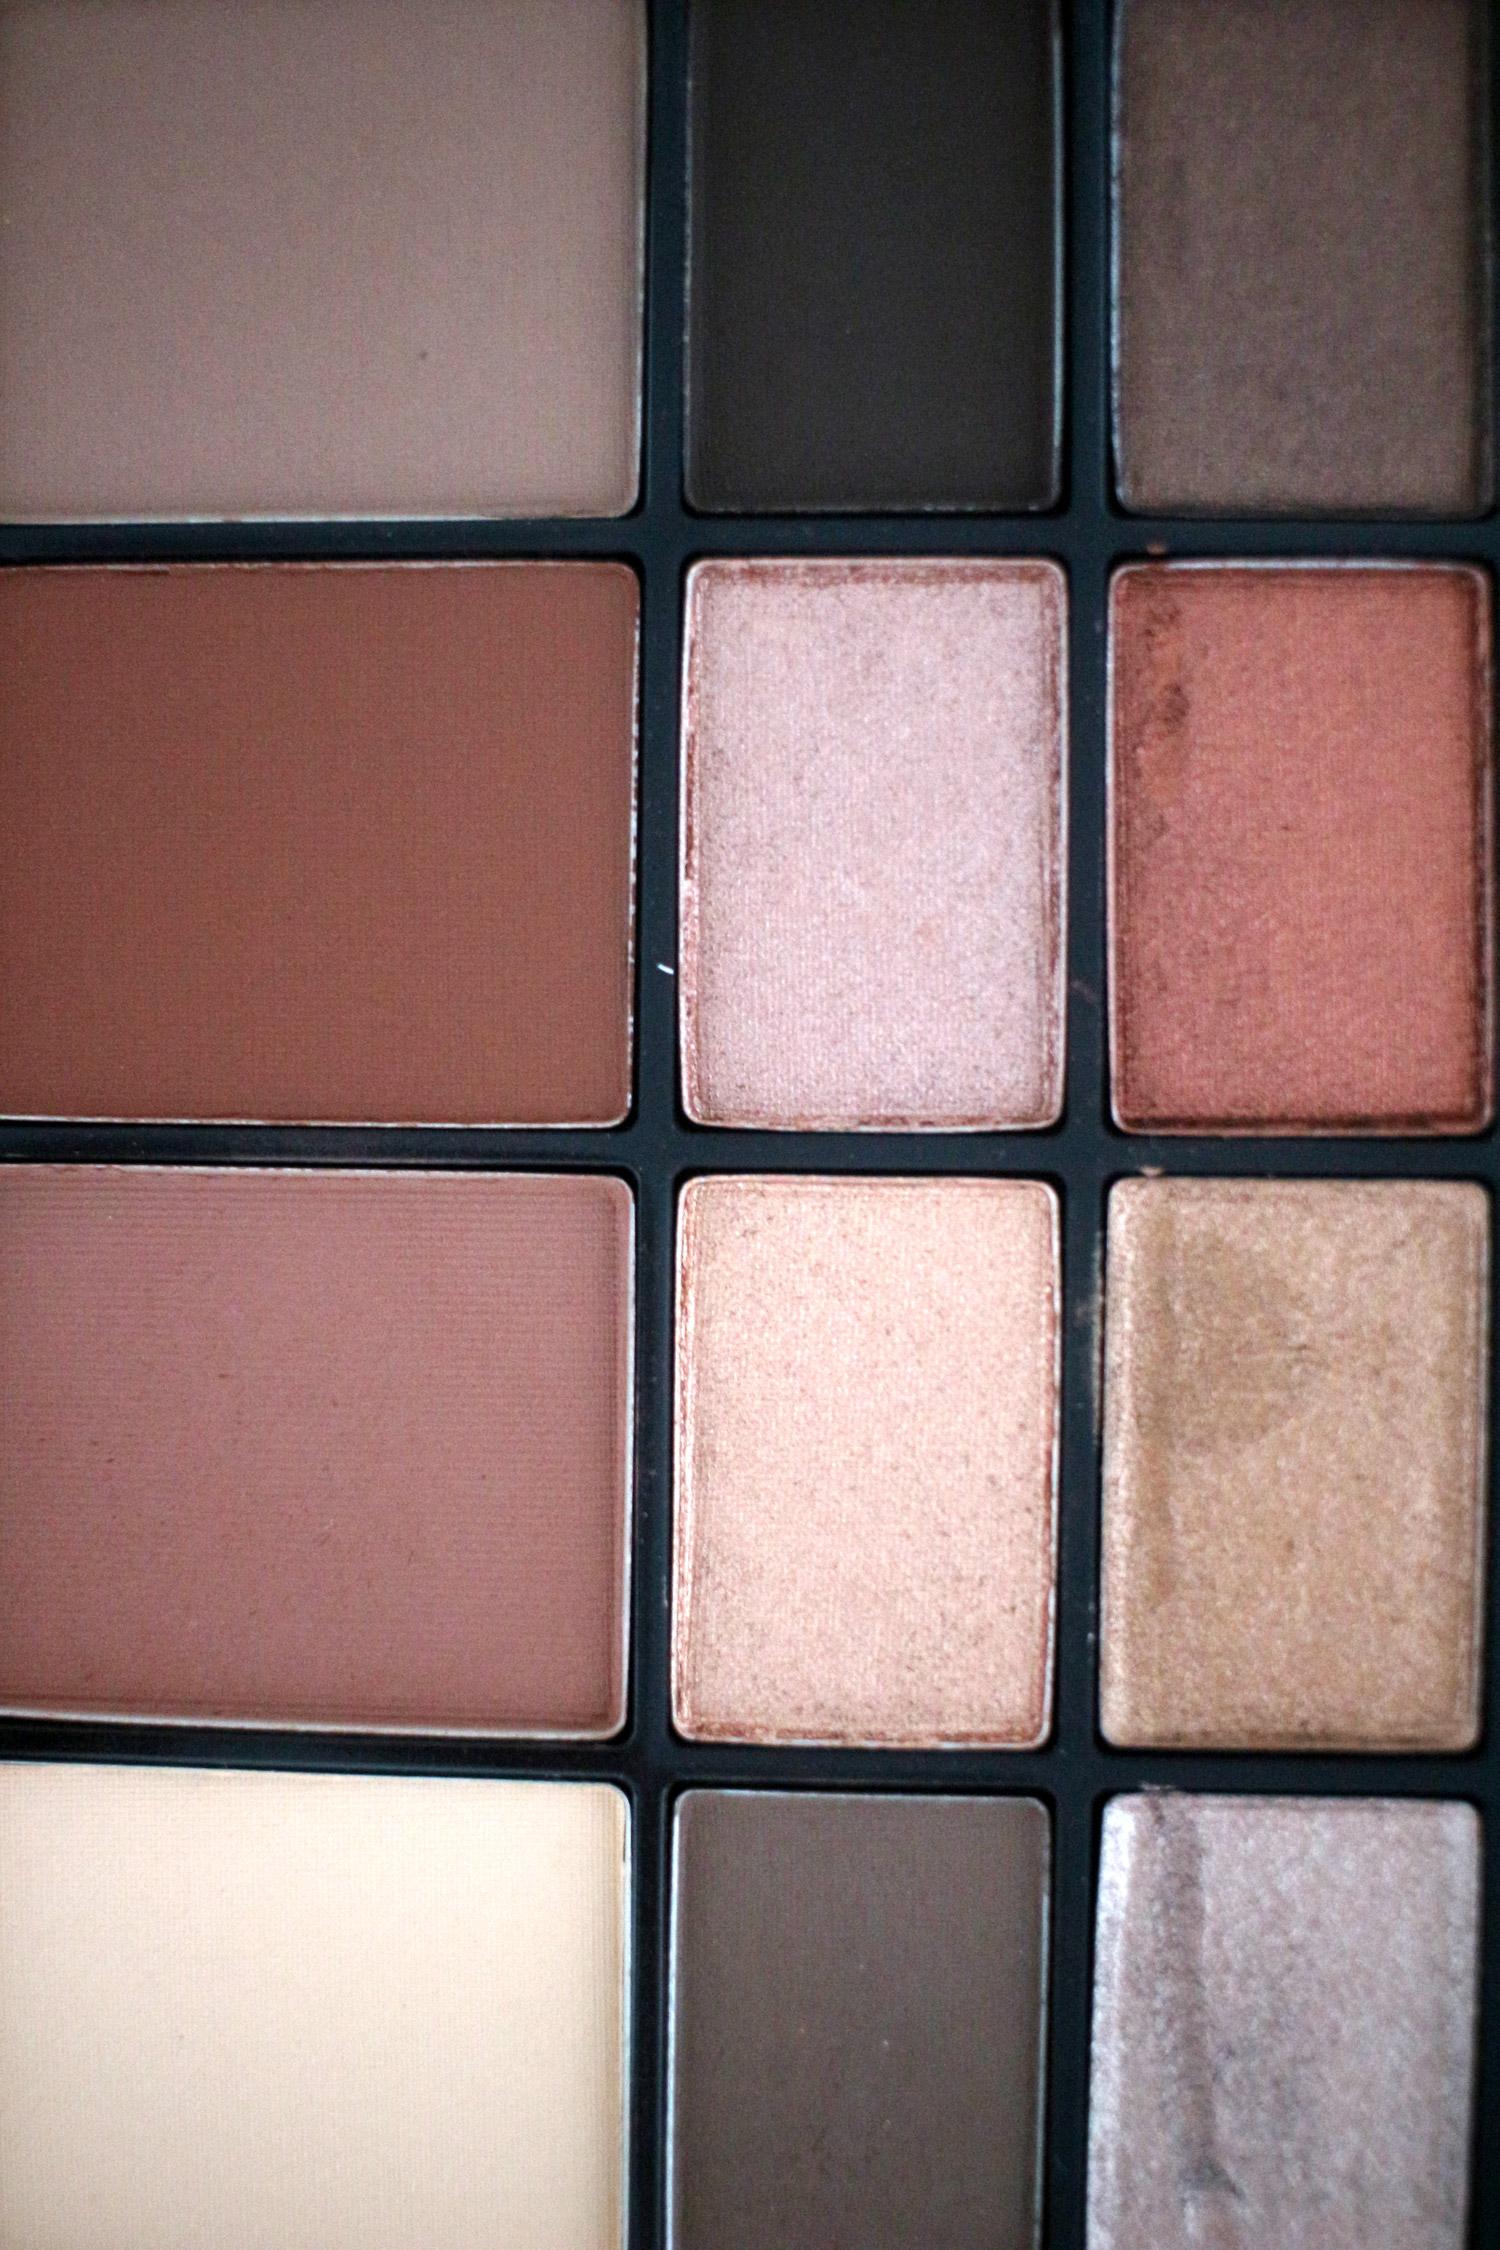 nars-skin-deep-eyeshadow-palette-charlotte-tilbury-concealer-etc